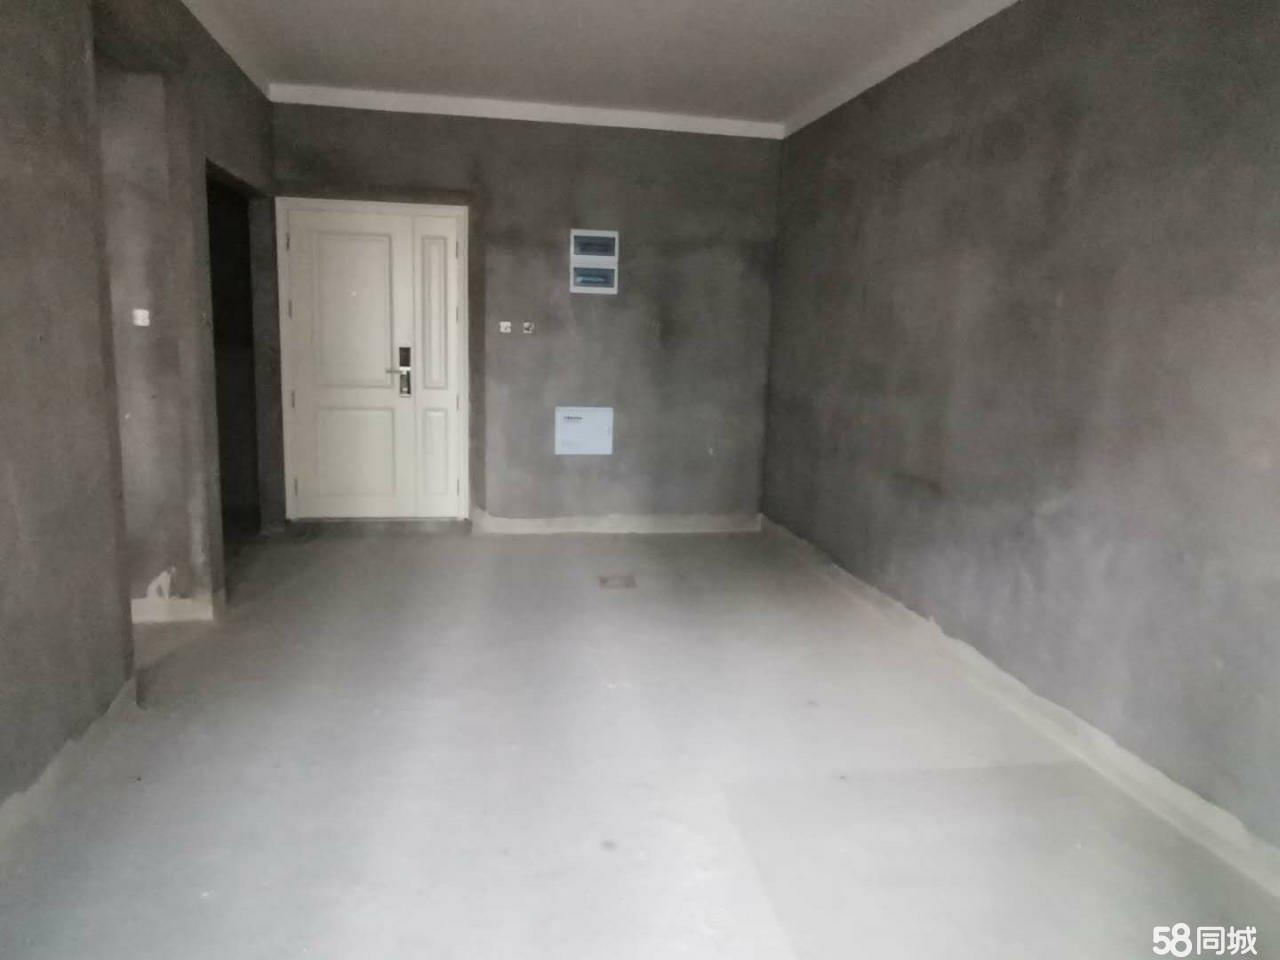 金悦湾3室2厅2卫贵族小区